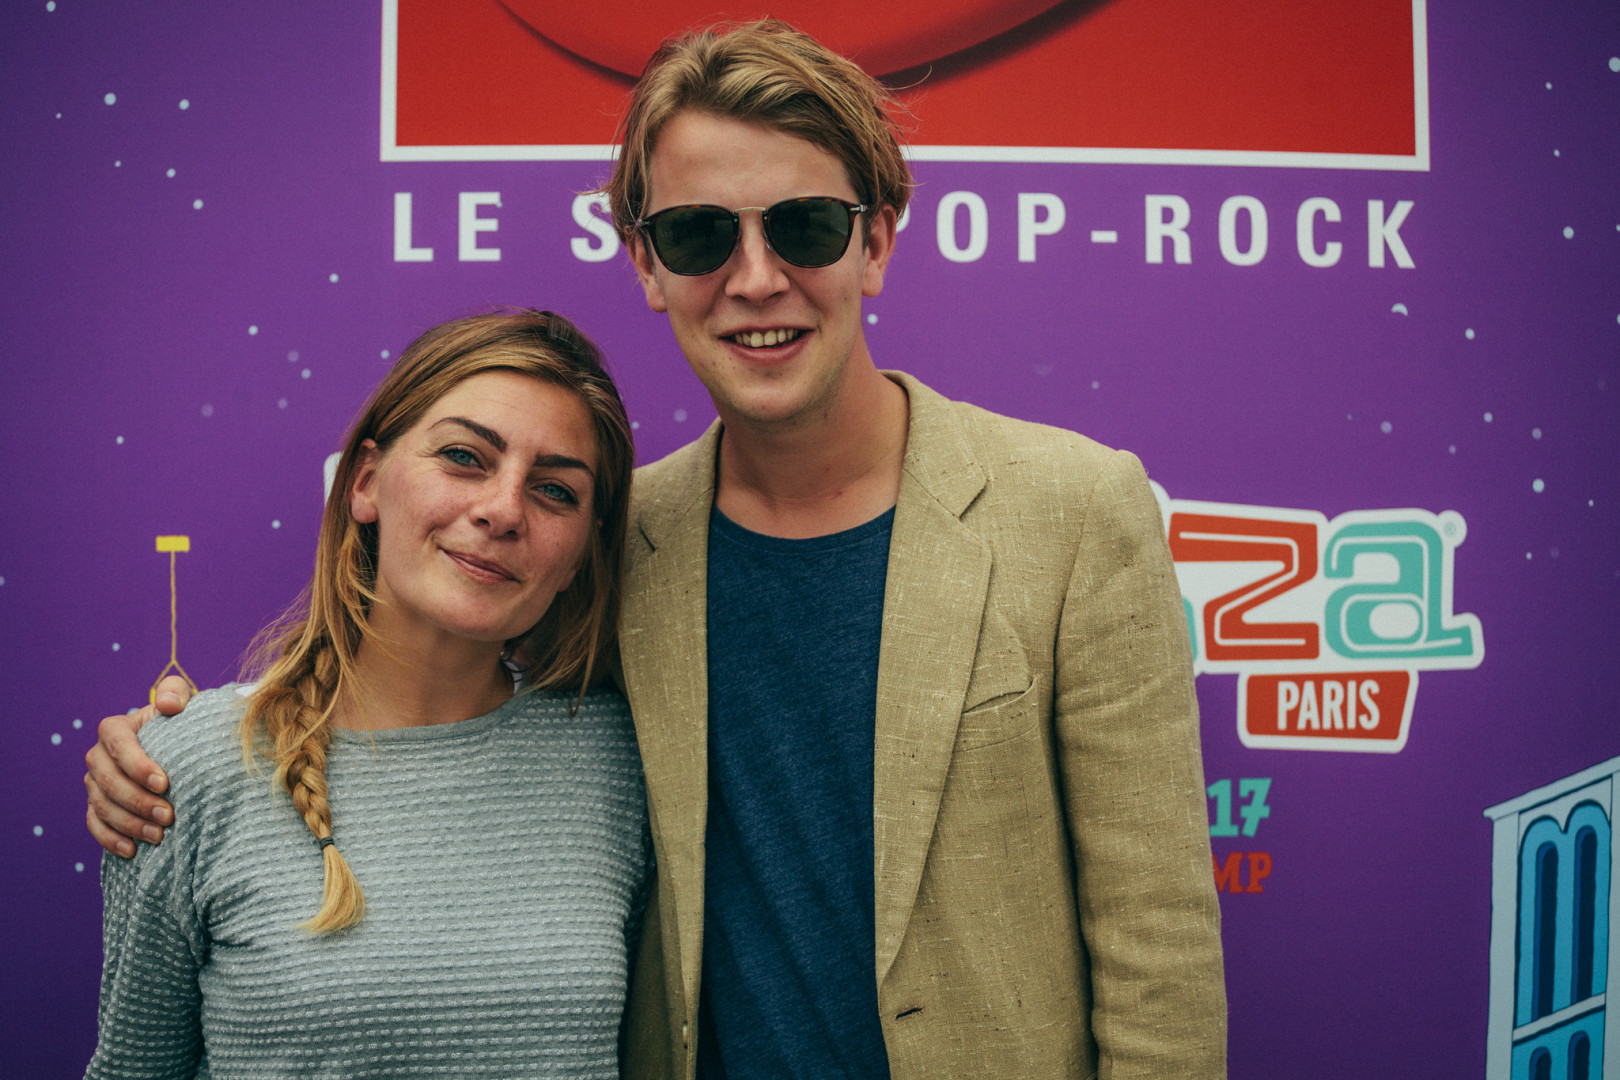 Tom Odell et Mathilde Courjeau dans le studio RTL2 lors de Lollapalooza Paris